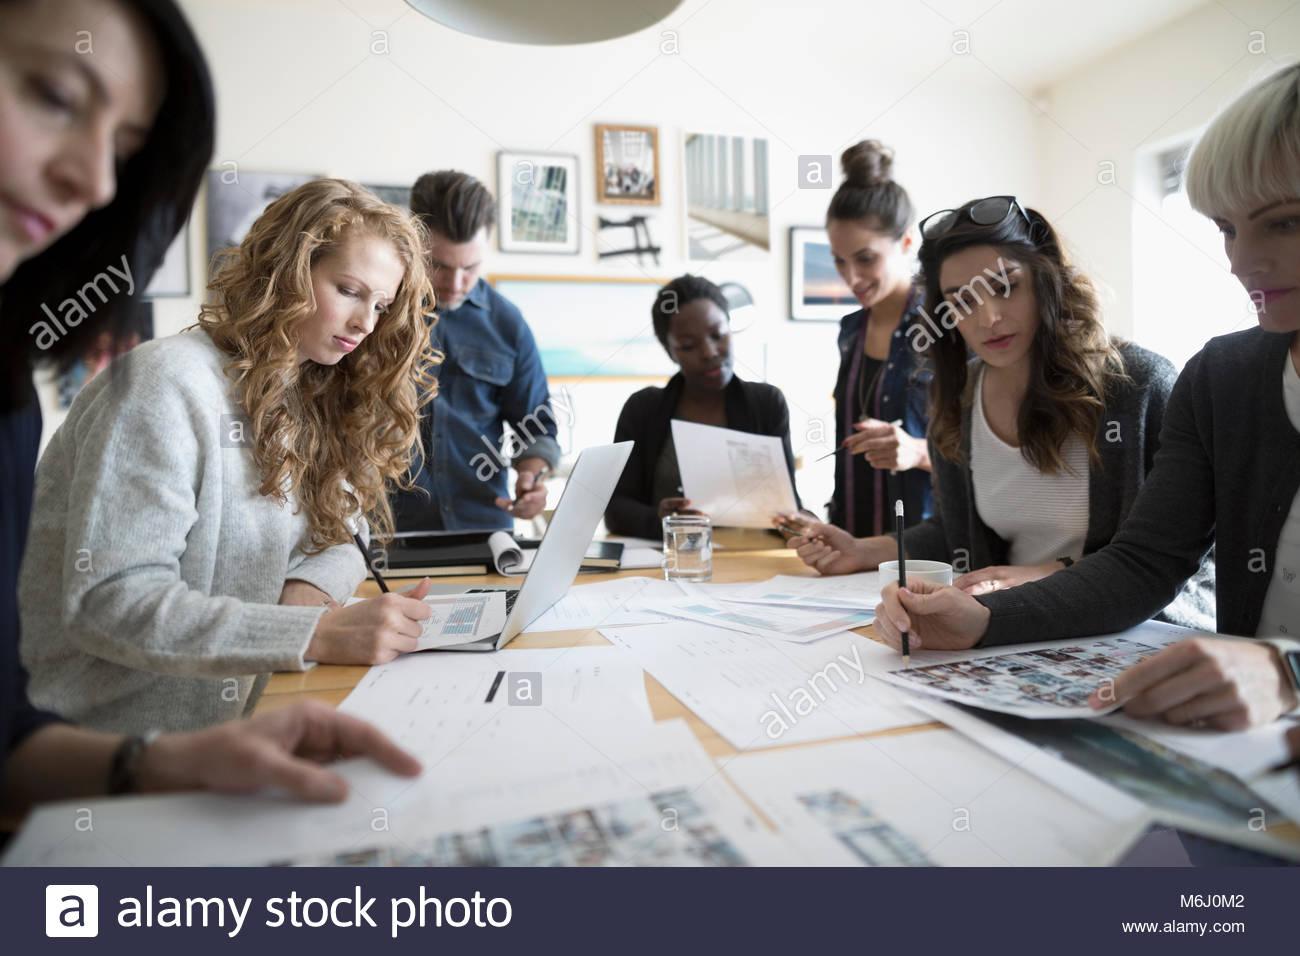 L'édition de l'équipe de production de preuves photo réunion du bureau Photo Stock